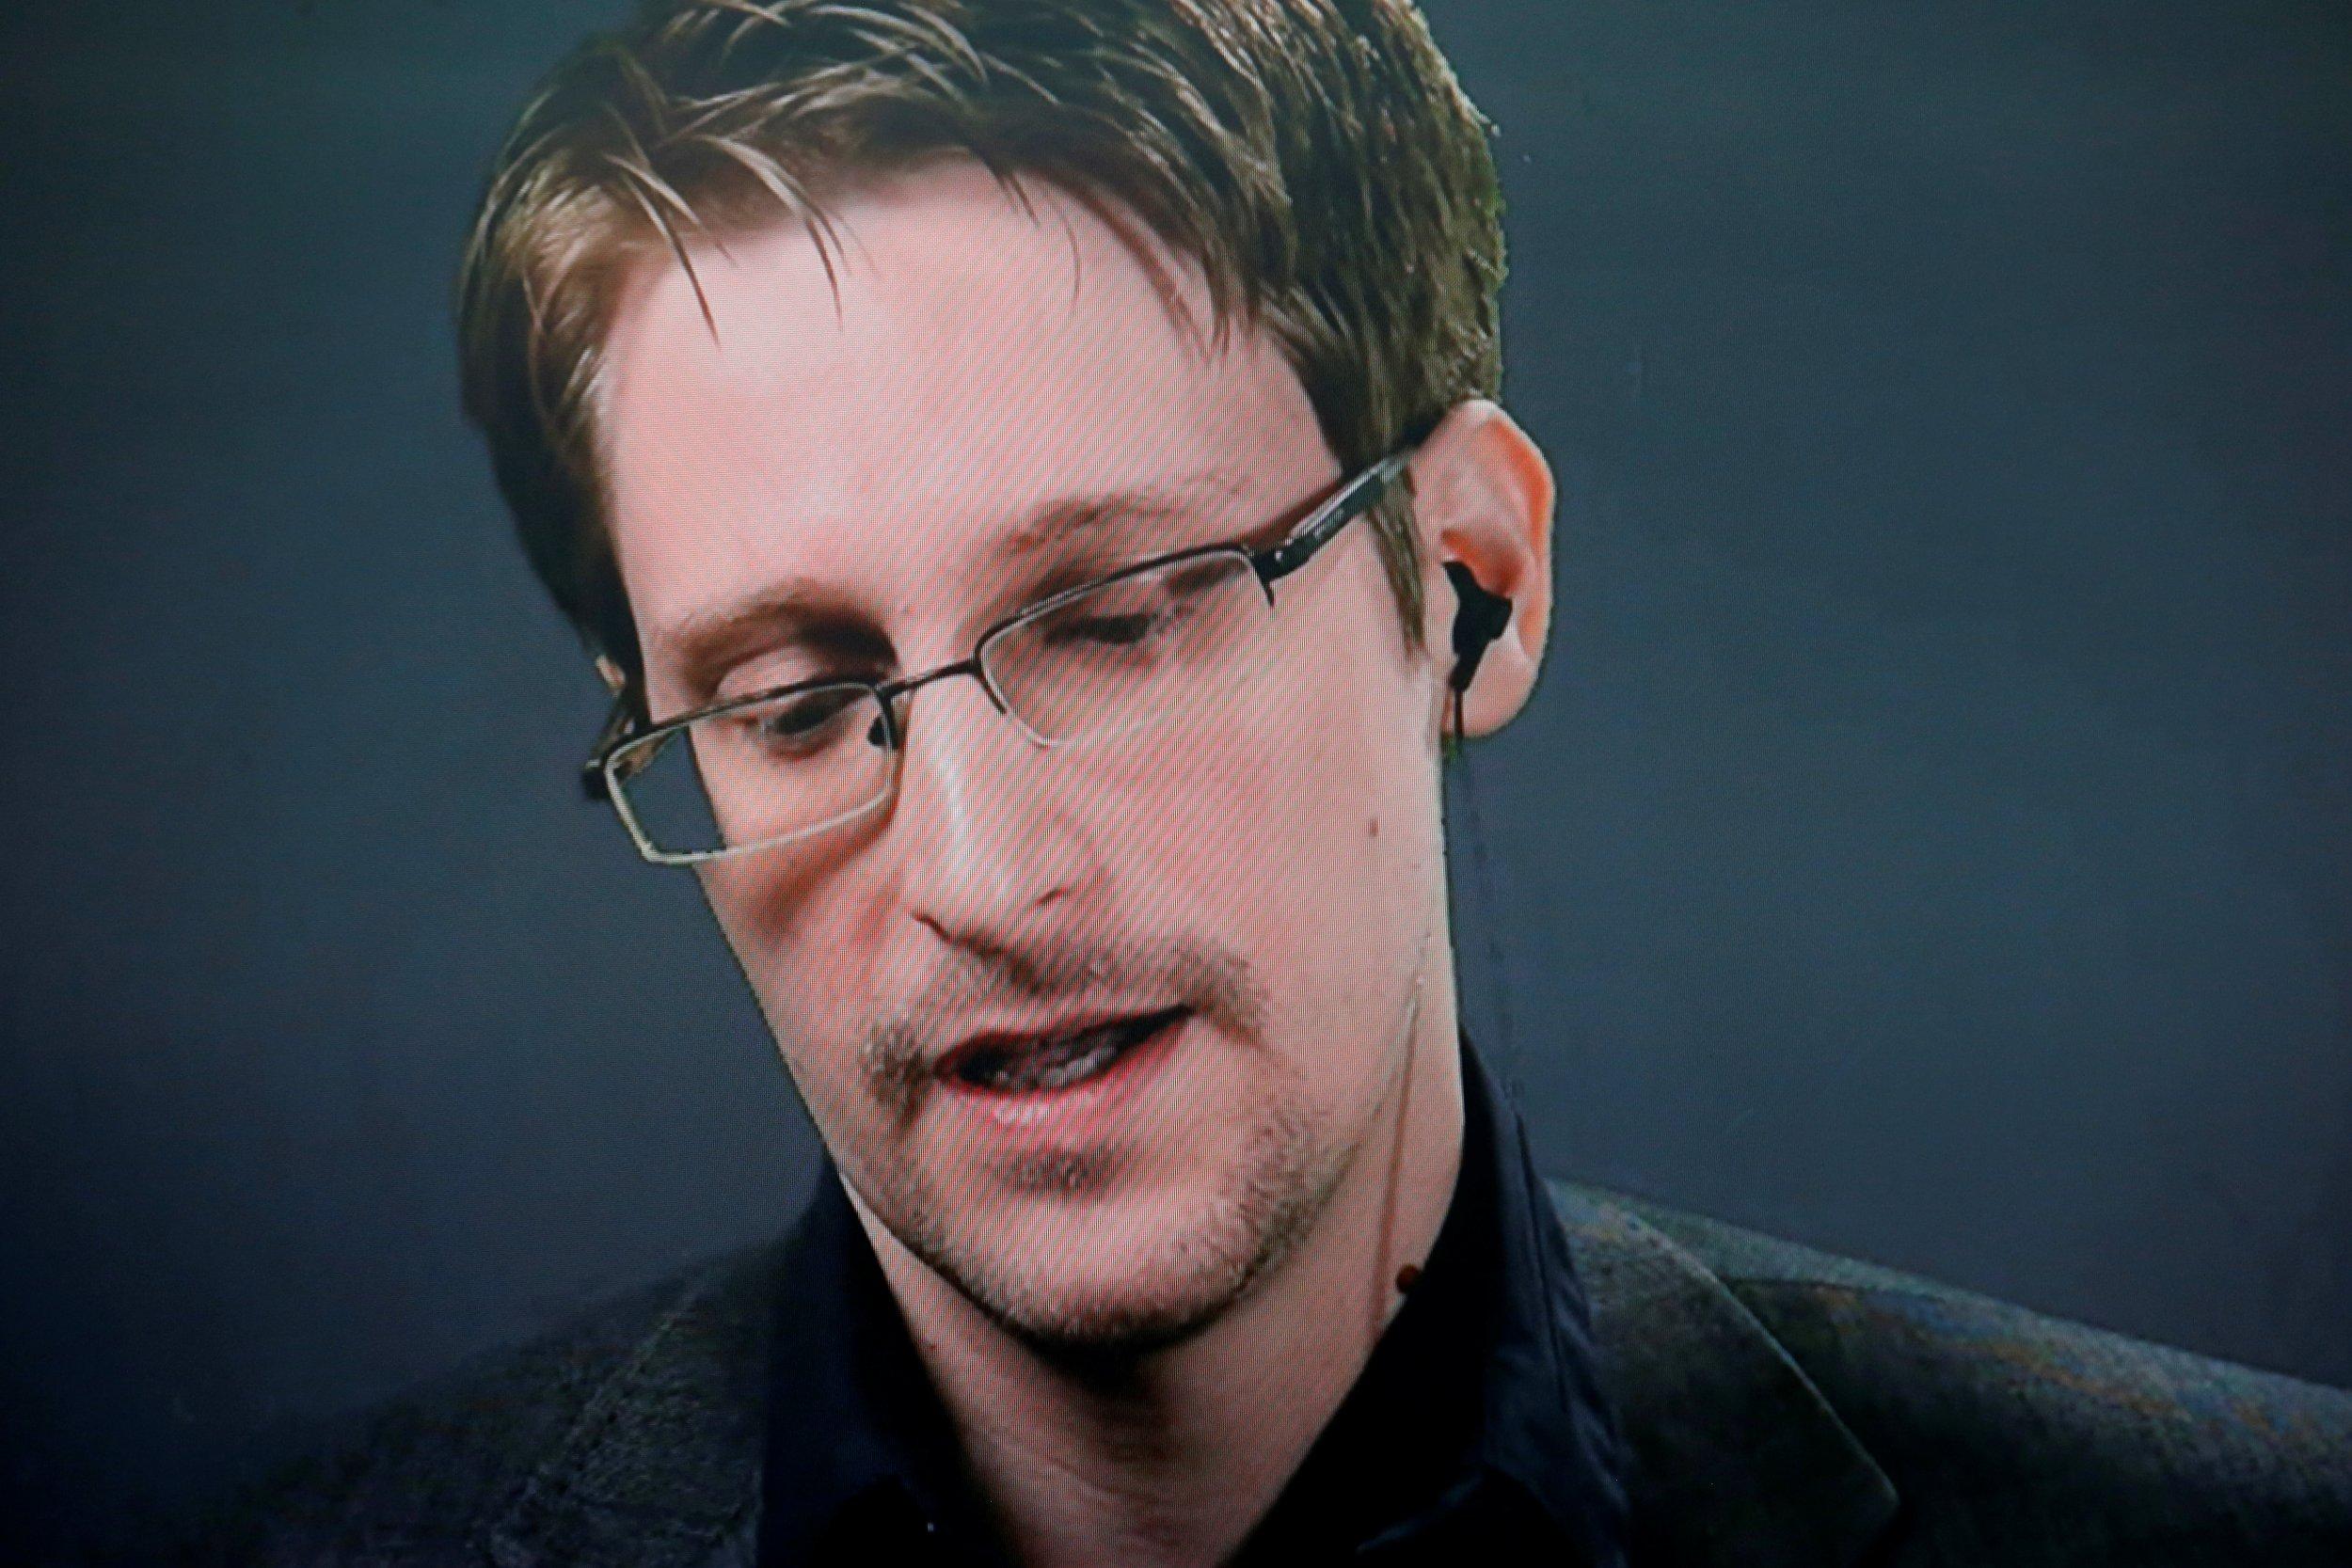 12_13_Snowden_Dorsey